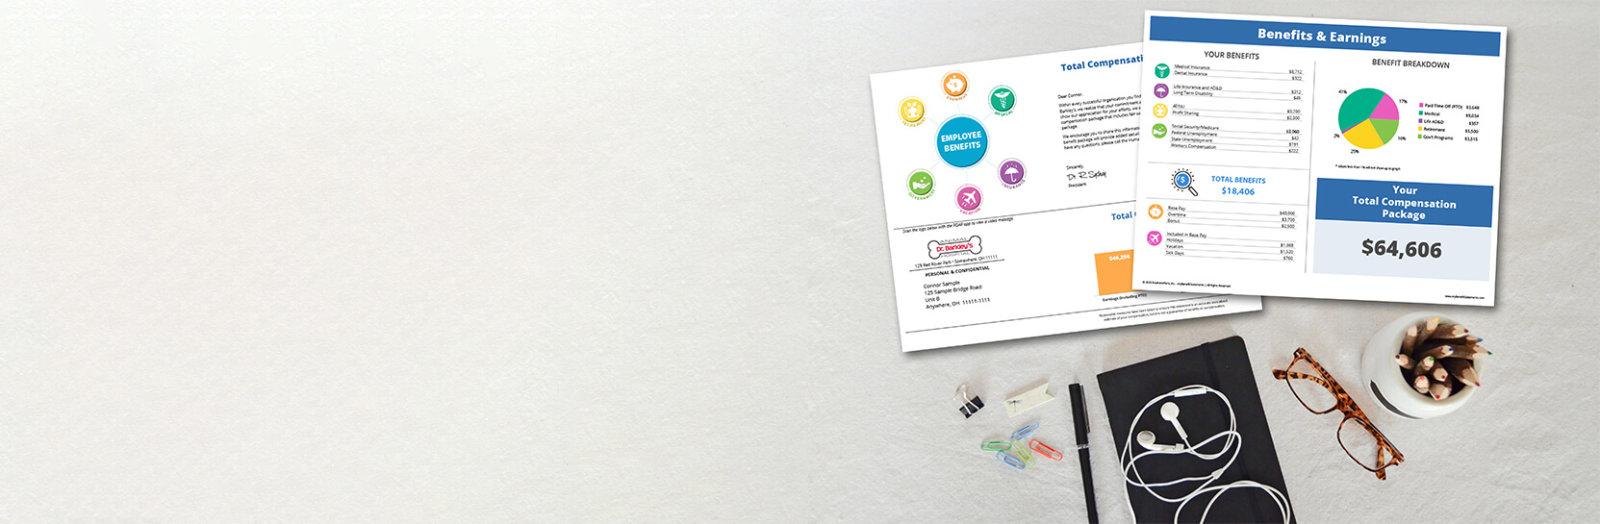 HomepageSlider_FEB21 Sample